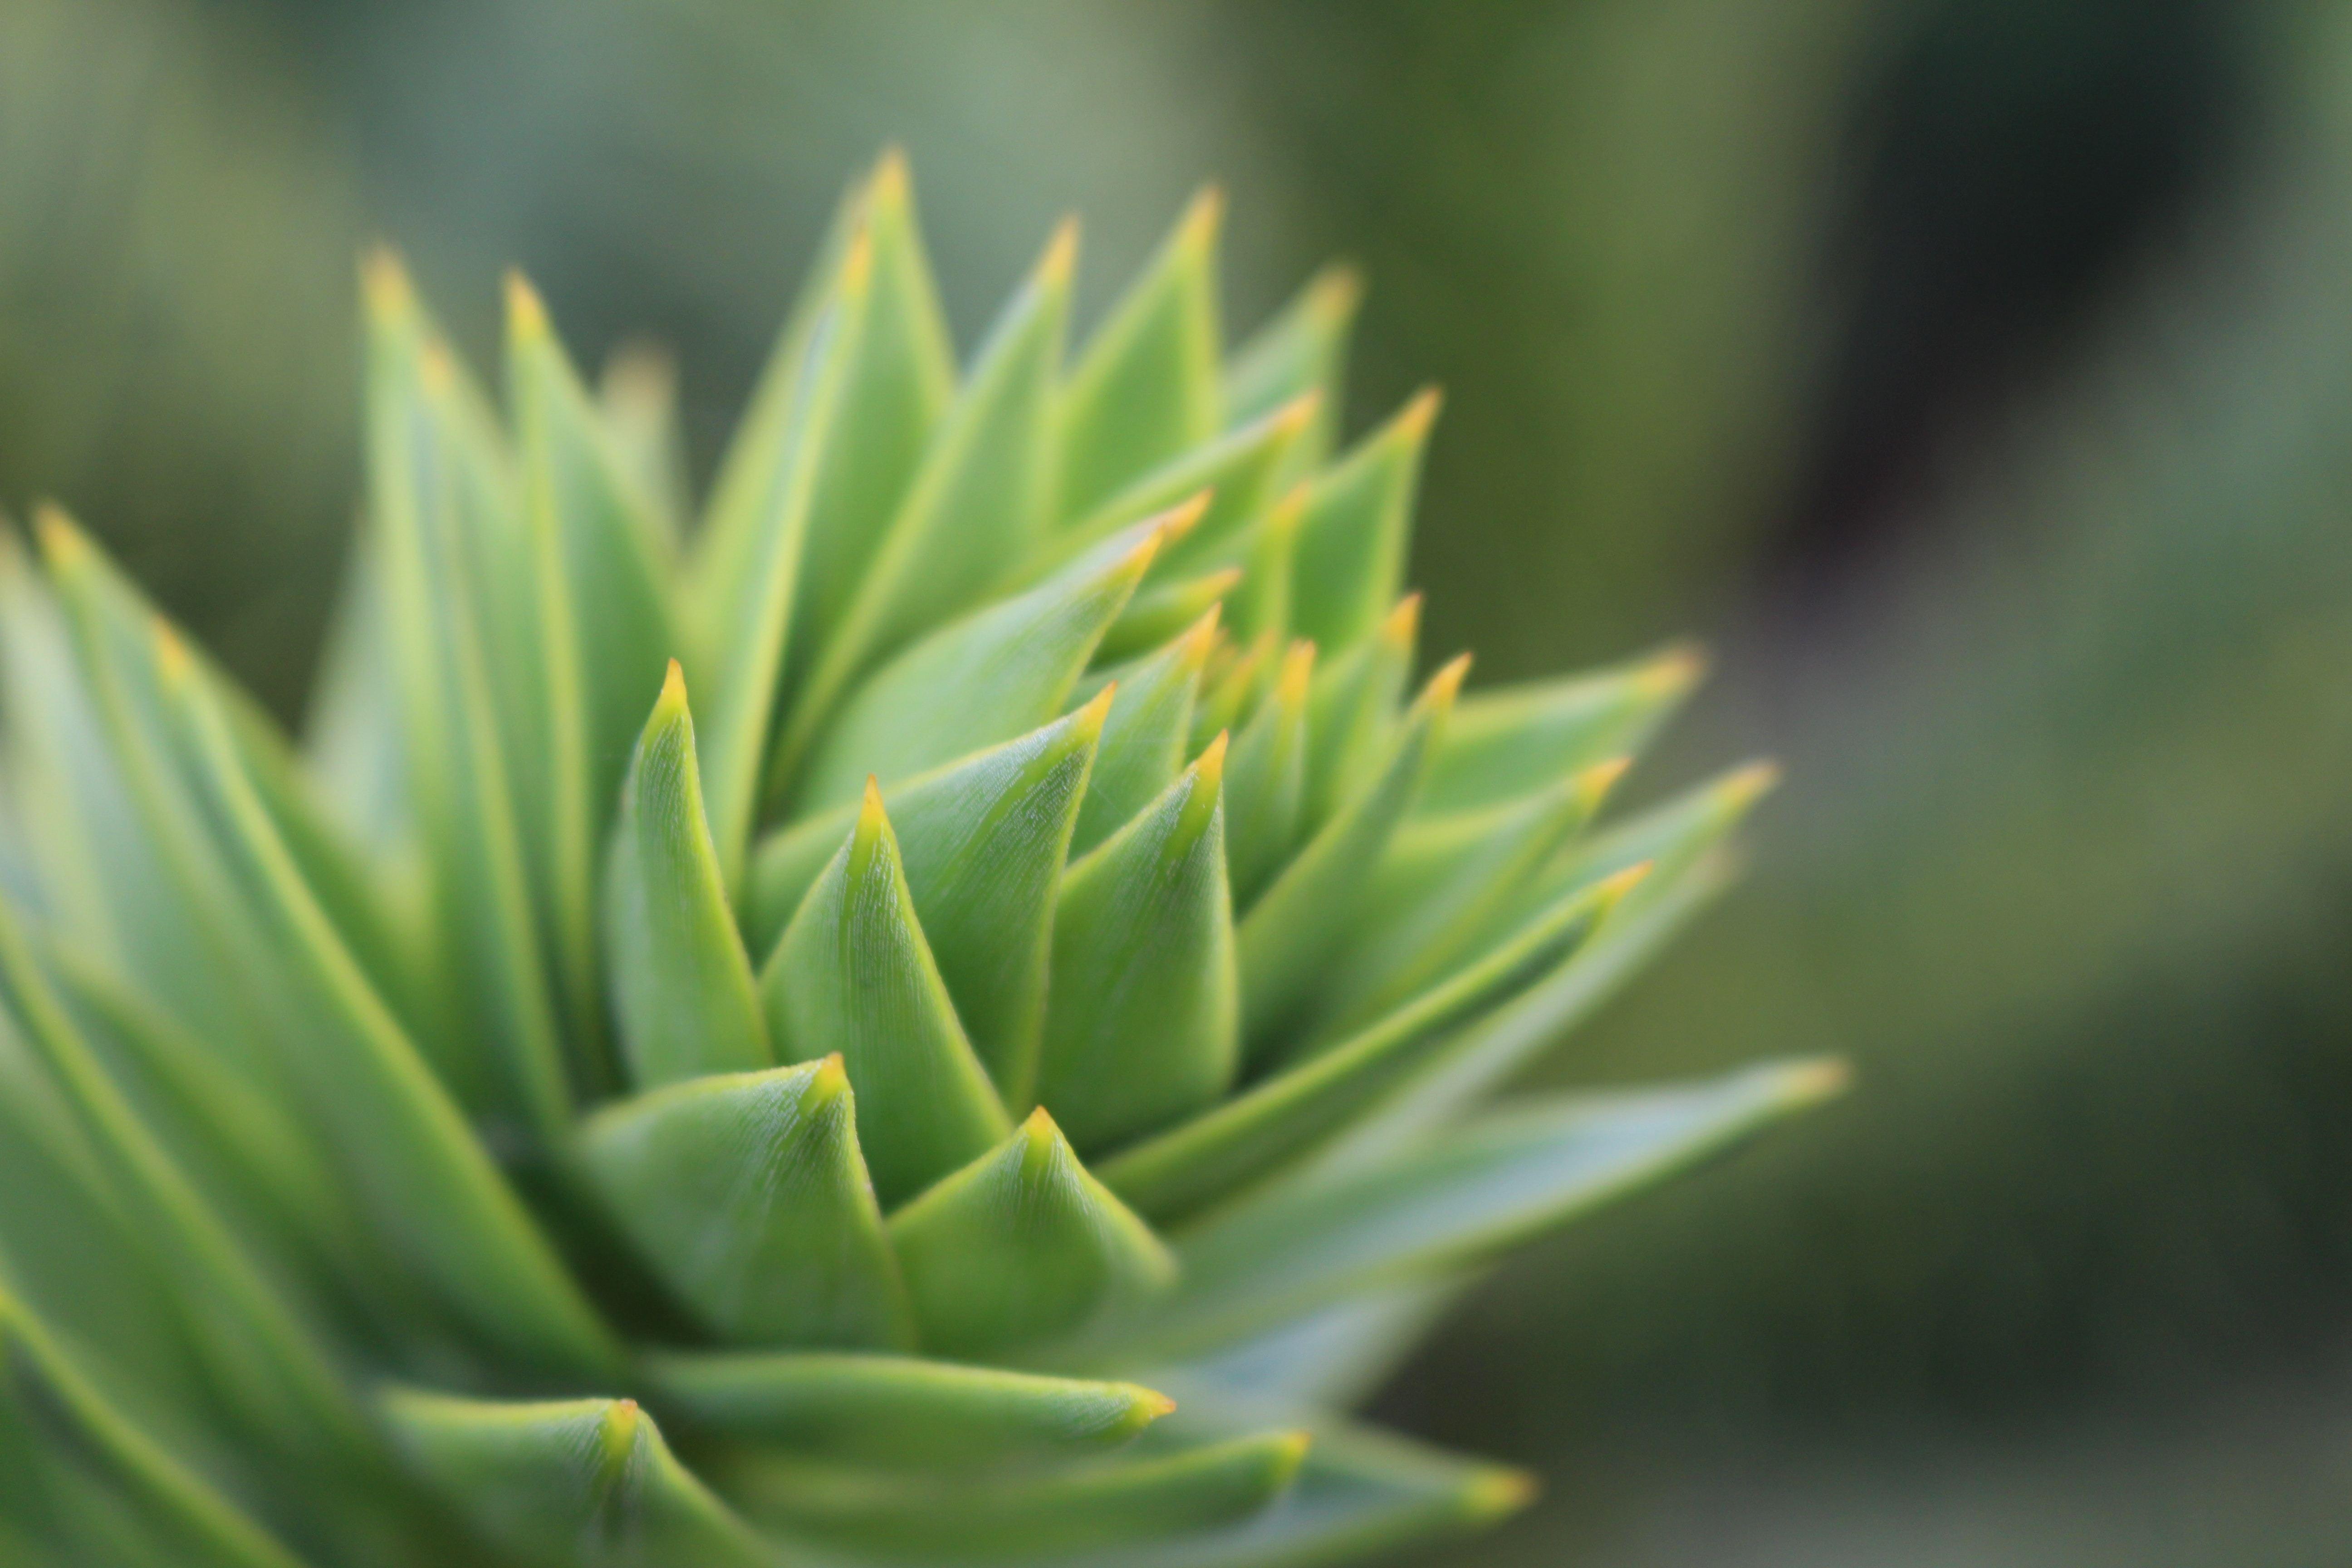 三時草の育て方!葉挿しでの増やし方や花が咲かない時の対処法をご紹介!